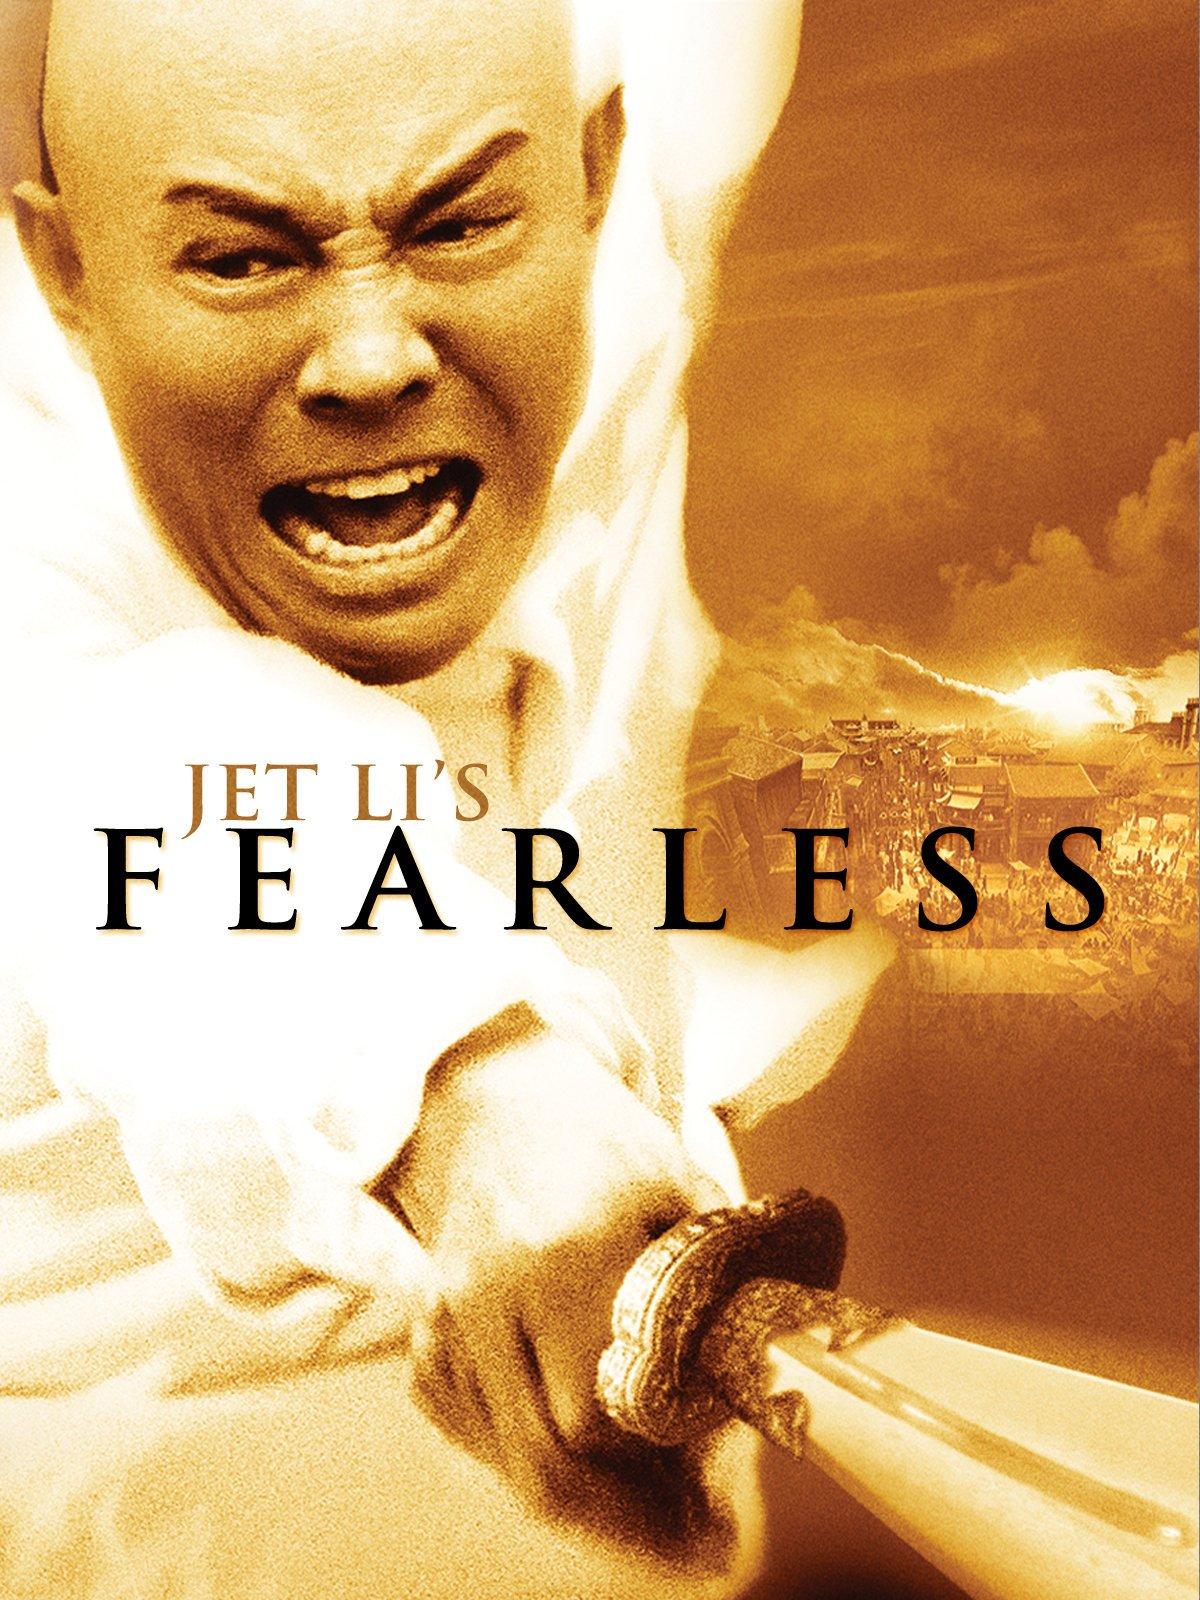 Jet Li's Fearless by